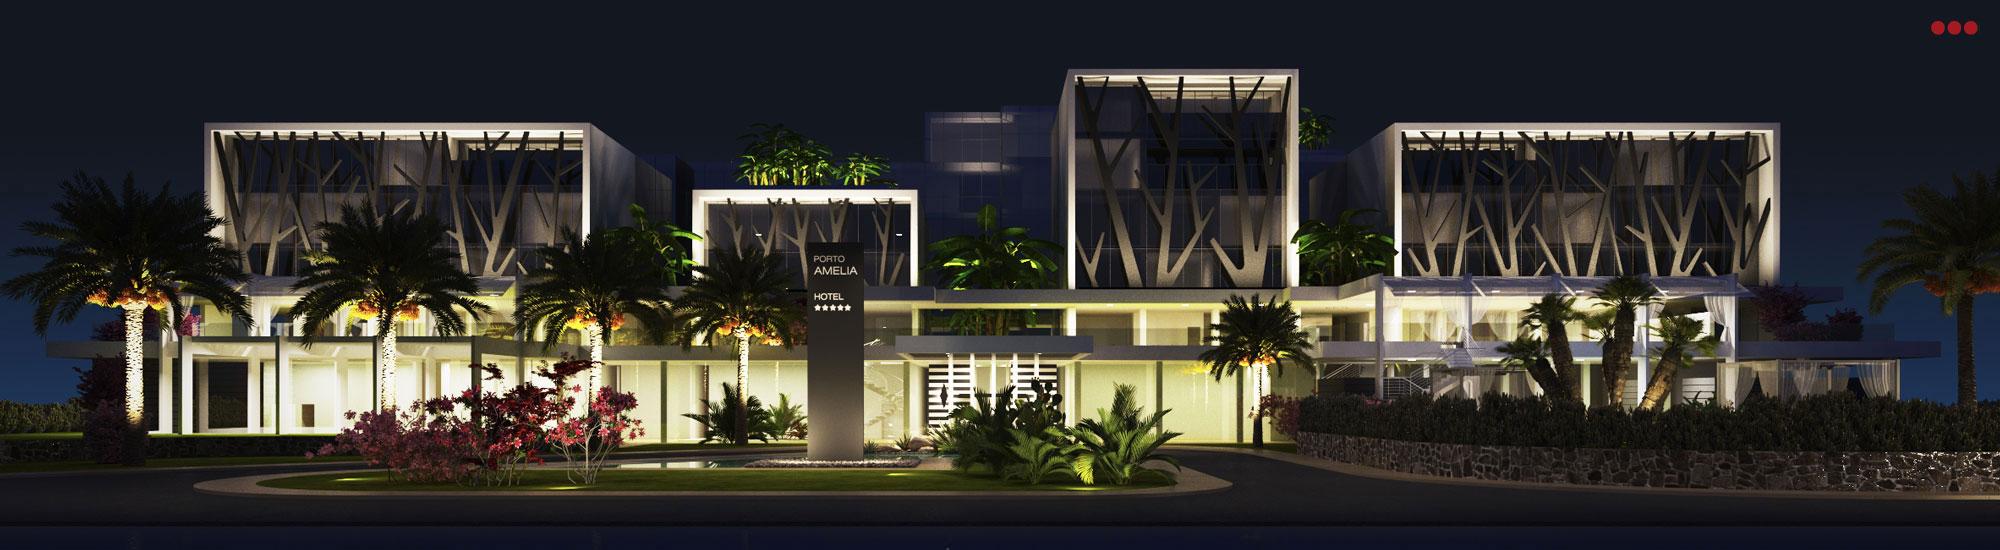 Studio-BArtolini-rendering-progettazione-grafica-3D-Hotel-Porto-Amelia-Mozzambico-3